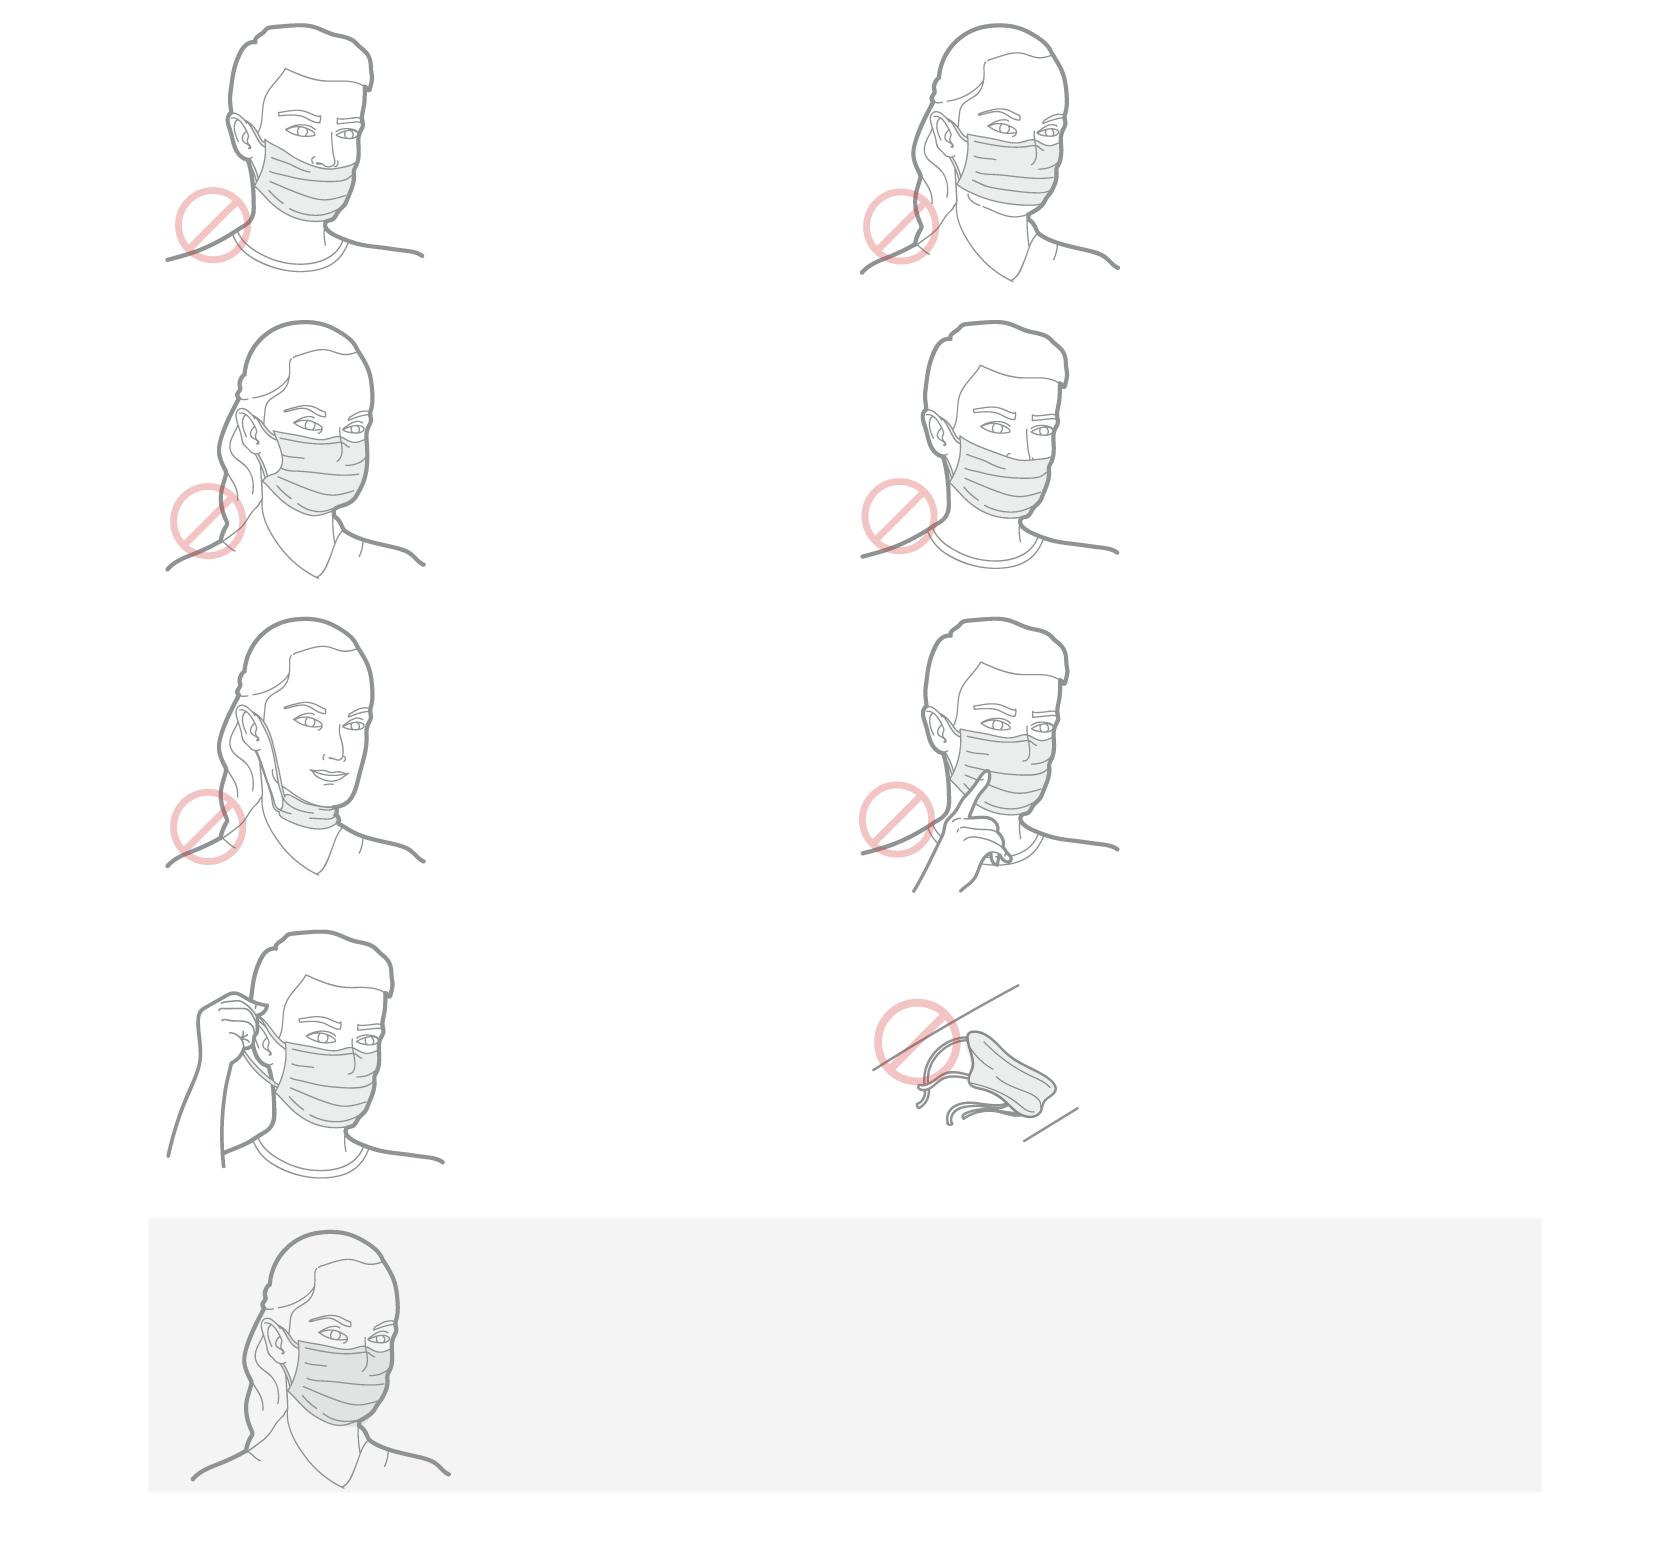 Como usar máscara corretamente para se proteger